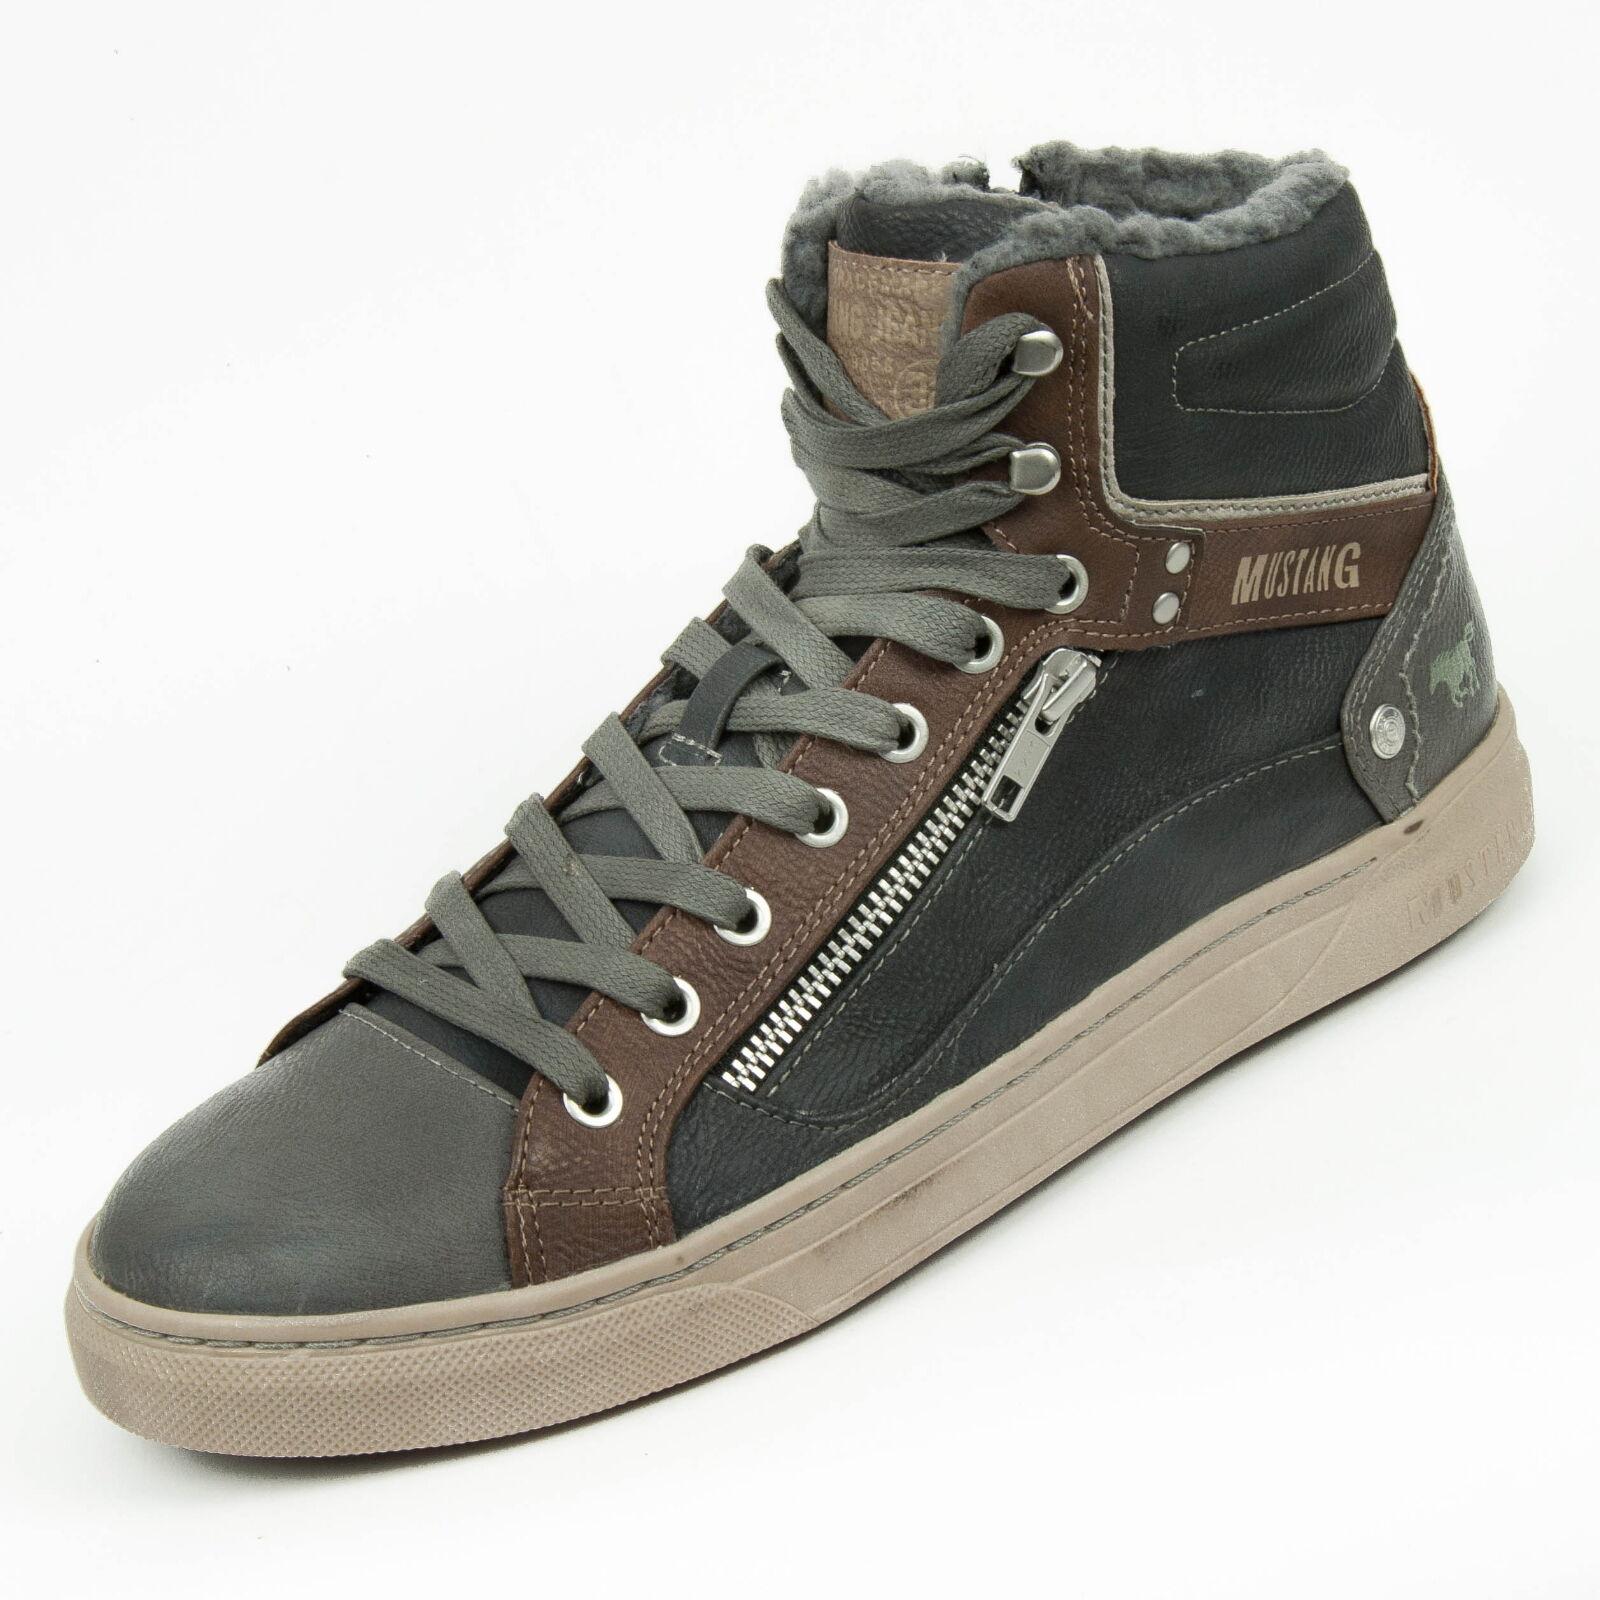 Mustang Scarpe Uomo High Sneaker Calda Fodera Grigio 4108-602-916 Scarpe classiche da uomo